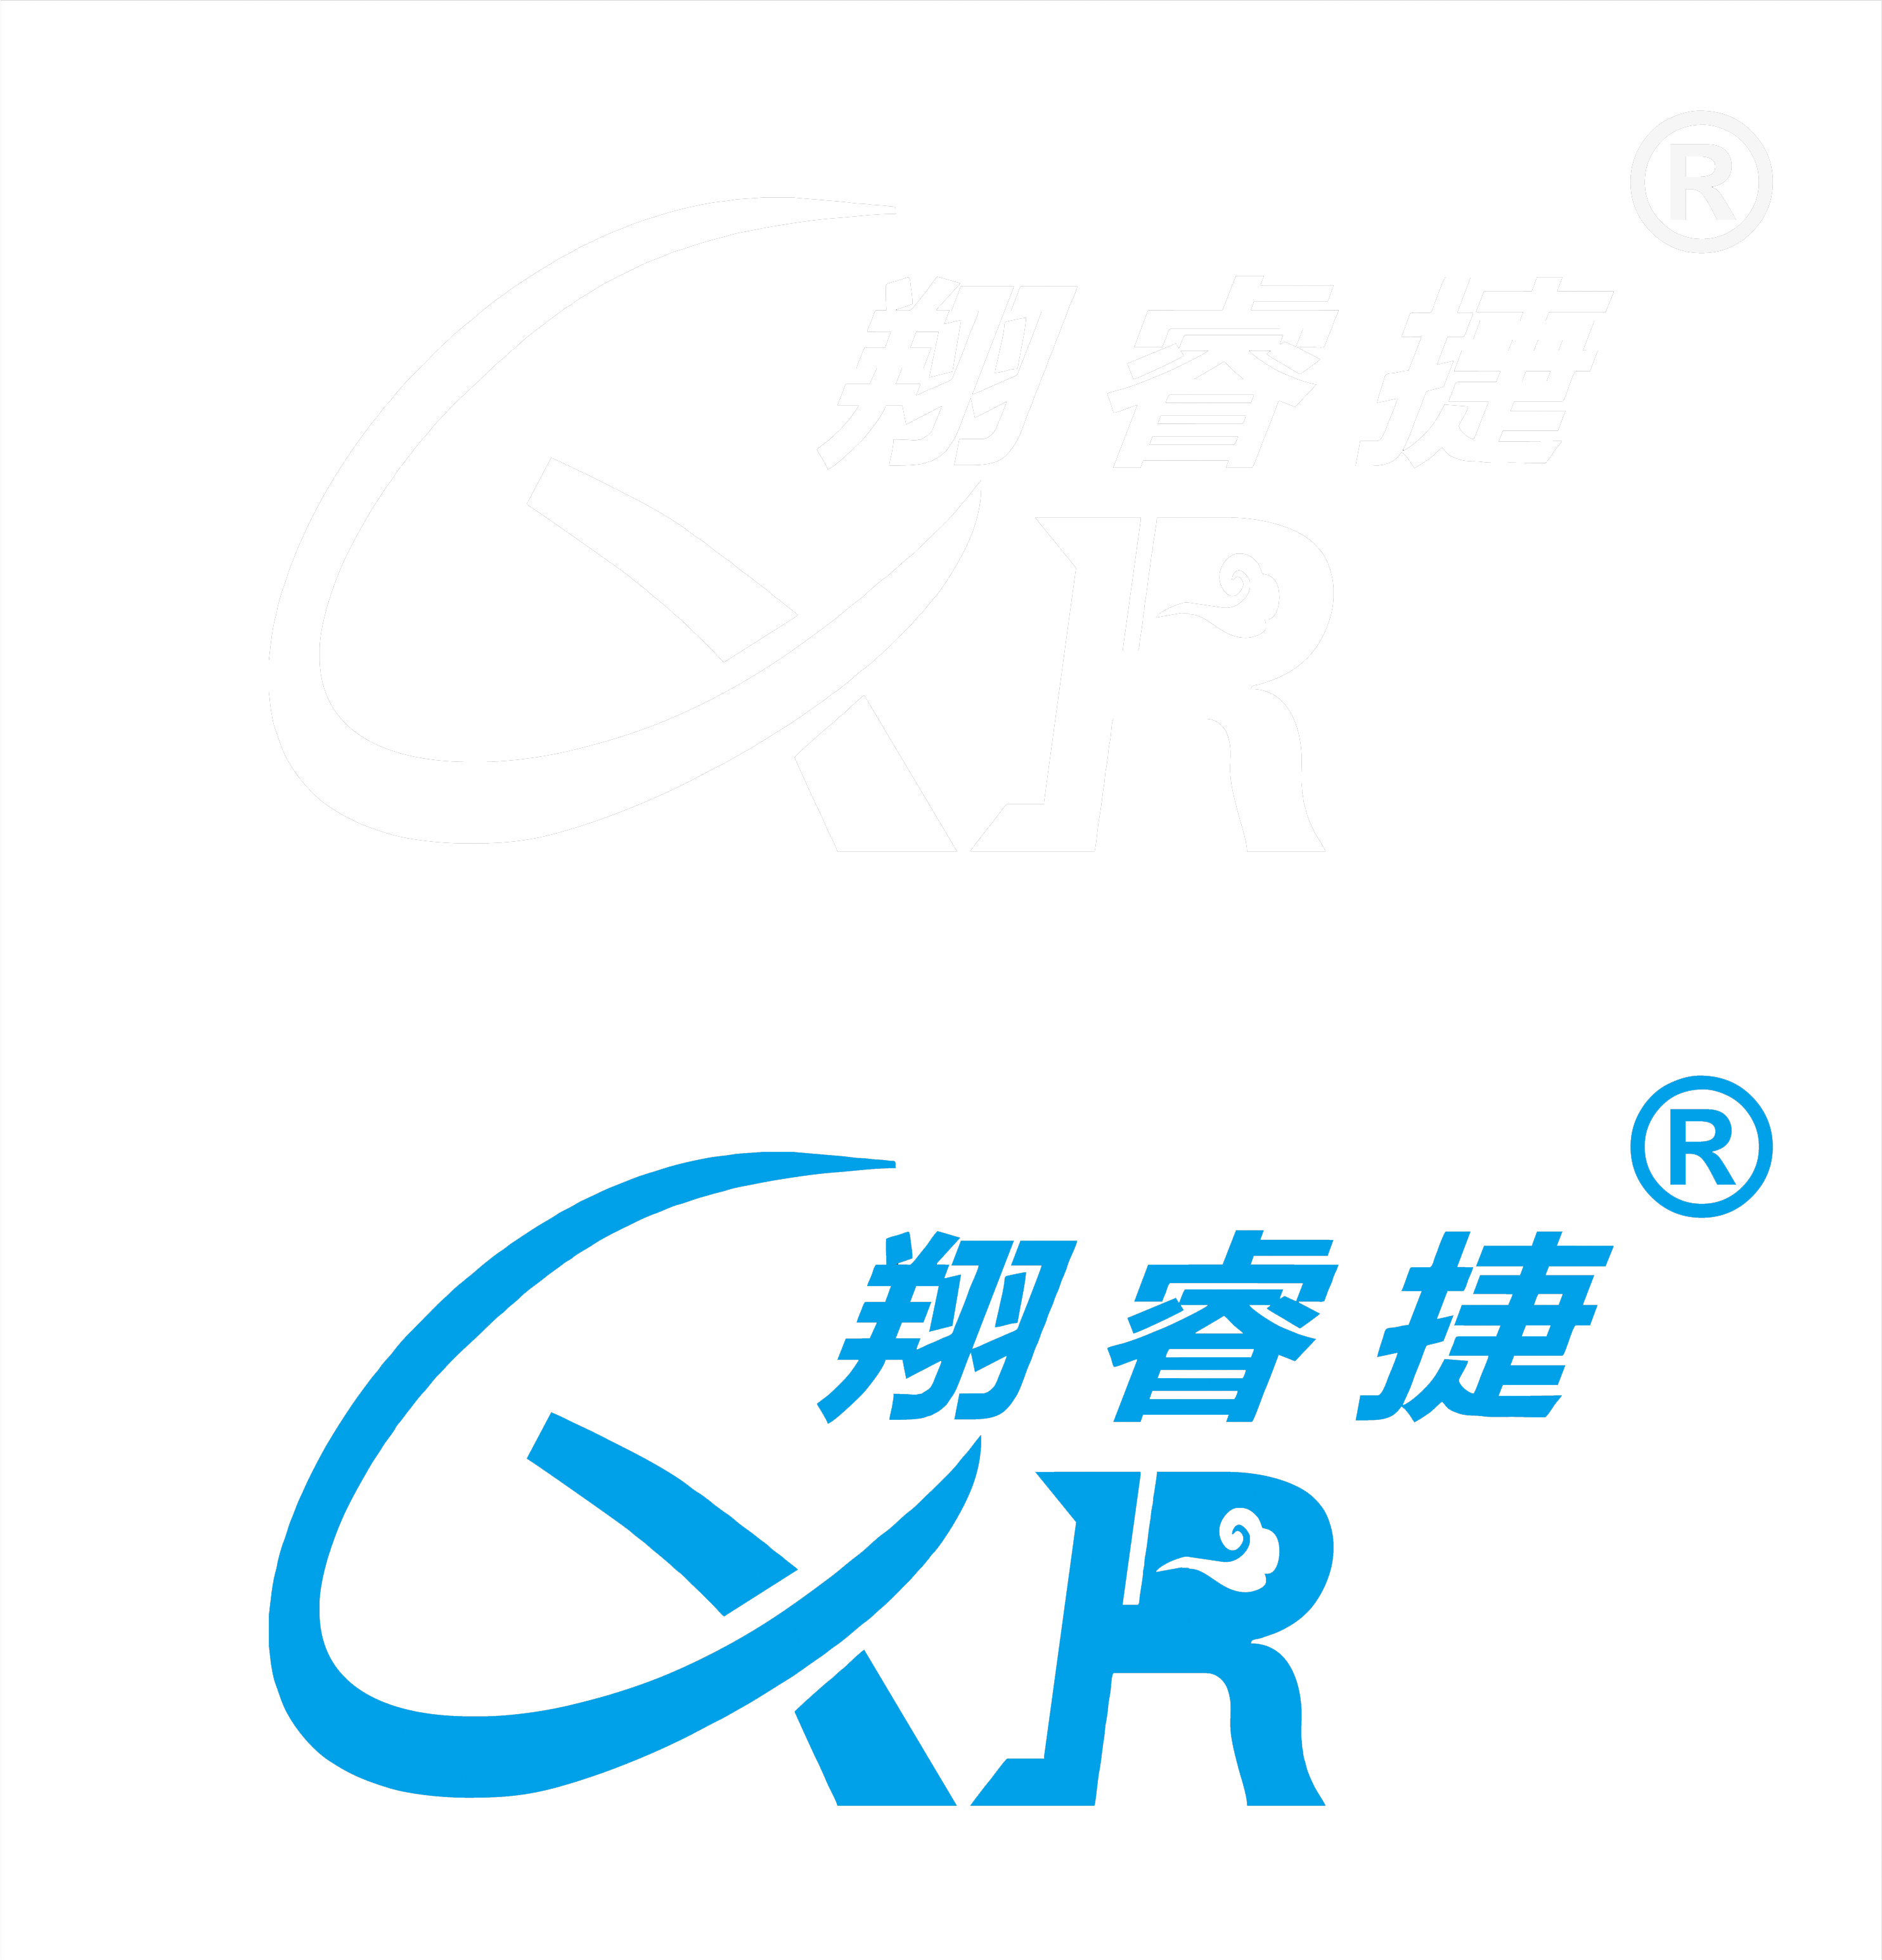 重慶翔睿捷機械設備有限公司